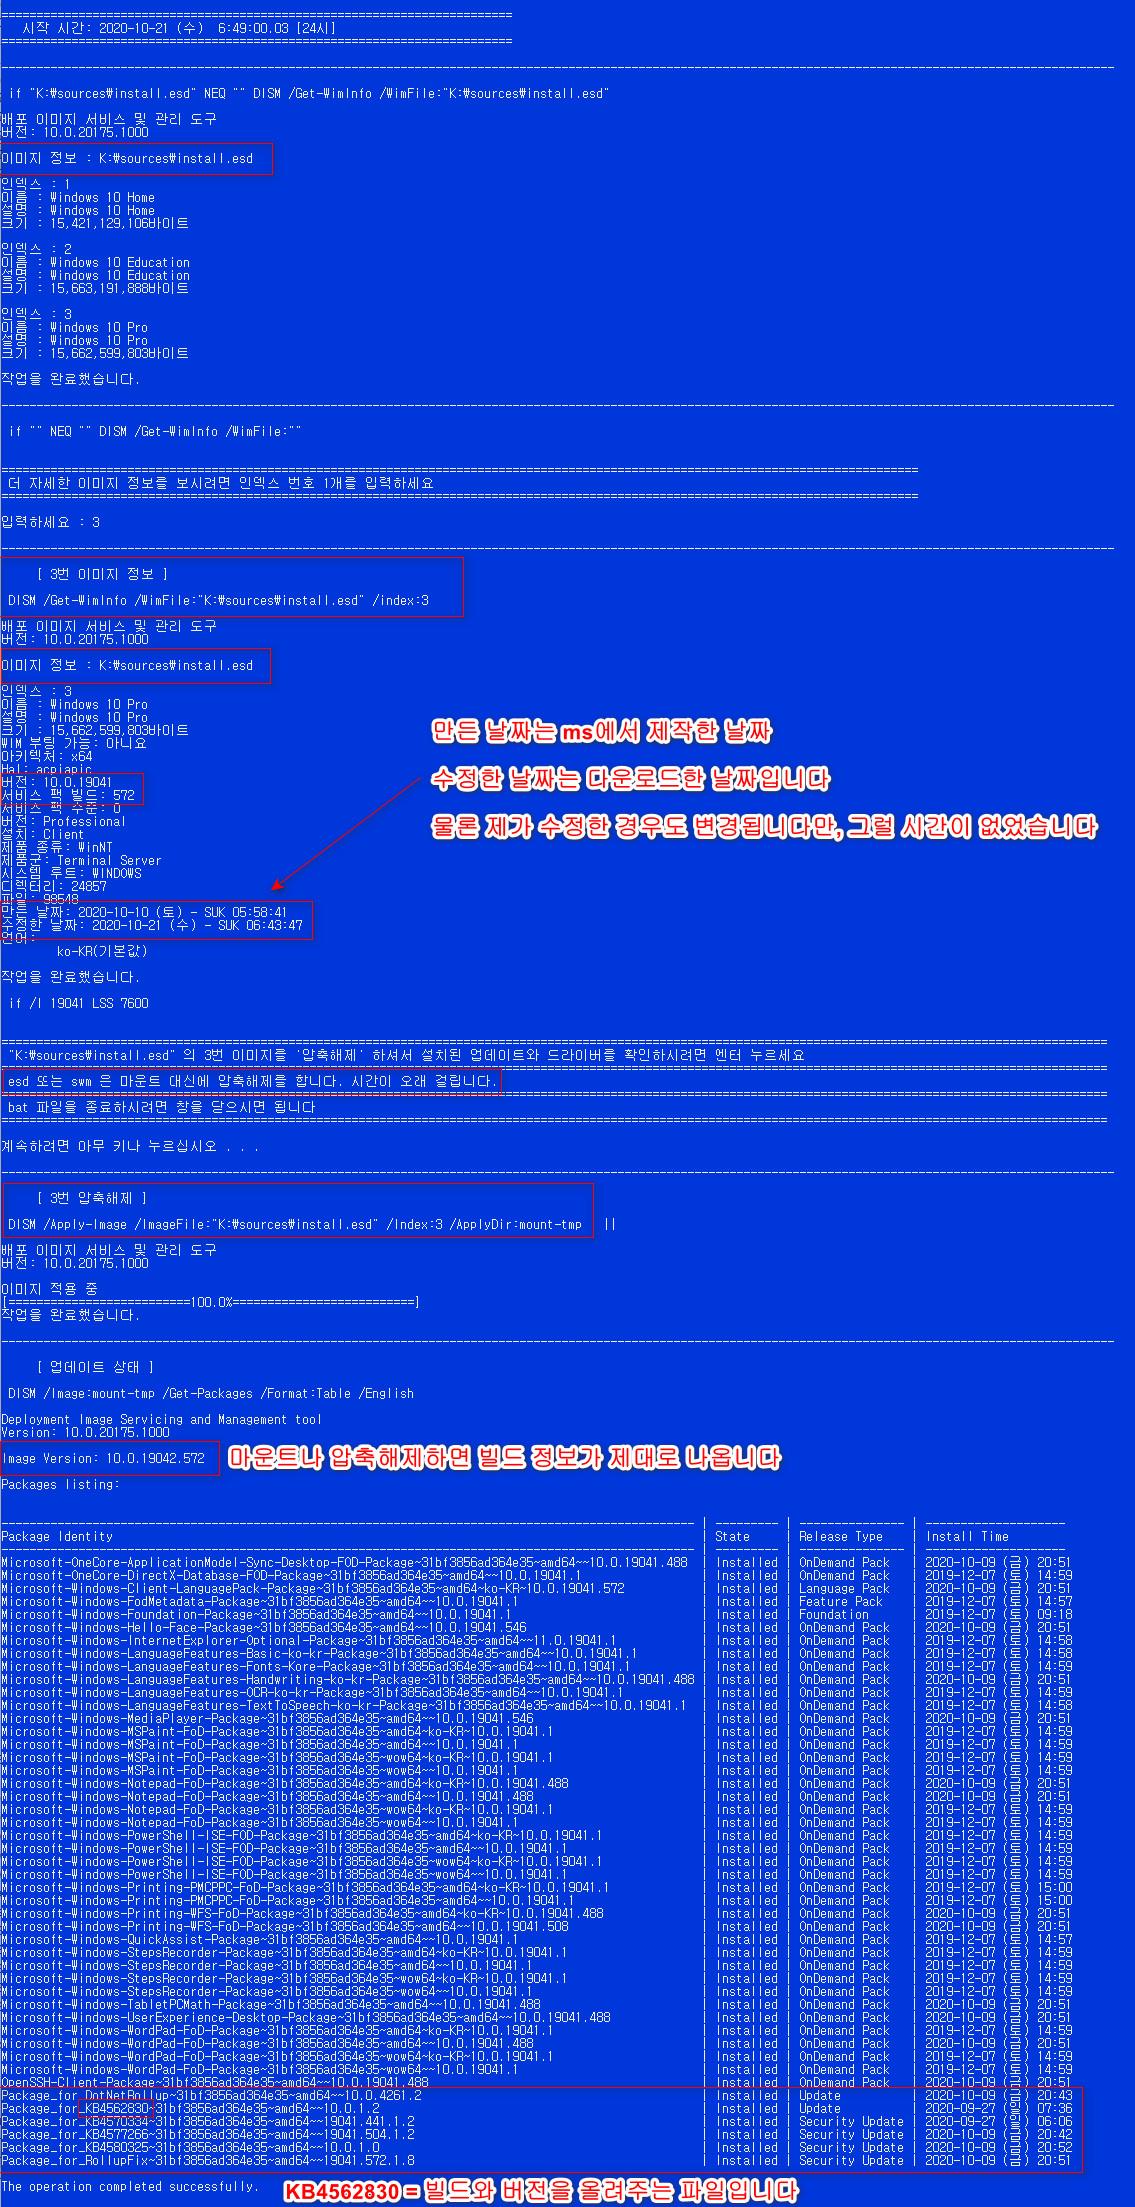 Windows 10 버전 2009 (20H2) 정식 출시되었네요 - MSDN은 19042.508 빌드 9월 정기 업데이트인데, ms 홈페이지는 19042.572 빌드 10월 정기 업데이트네요 - 다운로드하고 윈도우 설치하여 확인해봅니다 - 마운트나 압축해제해야 빌드 정보가 제대로 나옵니다 2020-10-21_065215.jpg